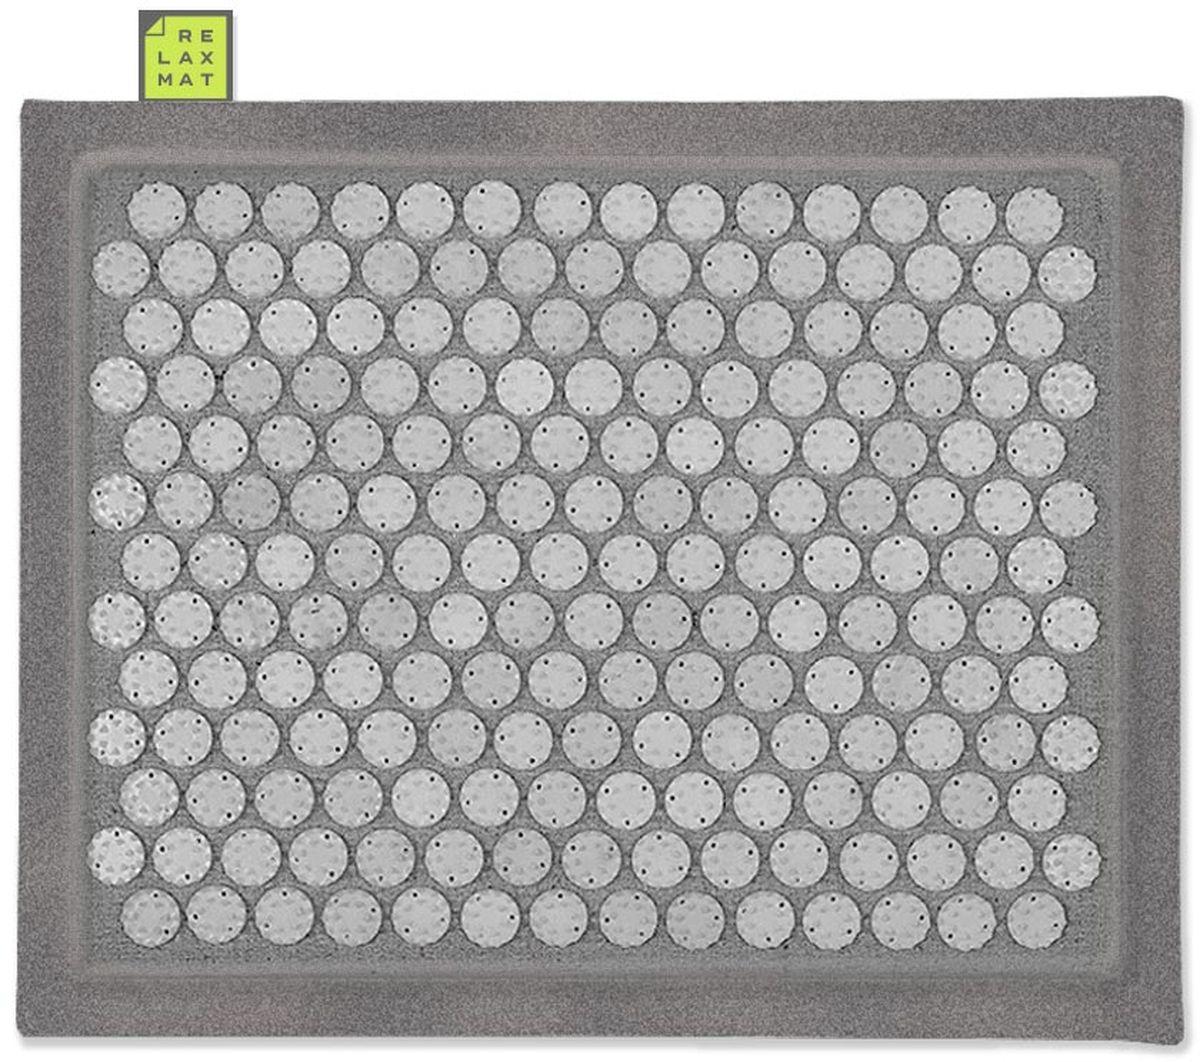 Relaxmat Массажный коврик, цвет: серый, графитовый, 40 х 30 см